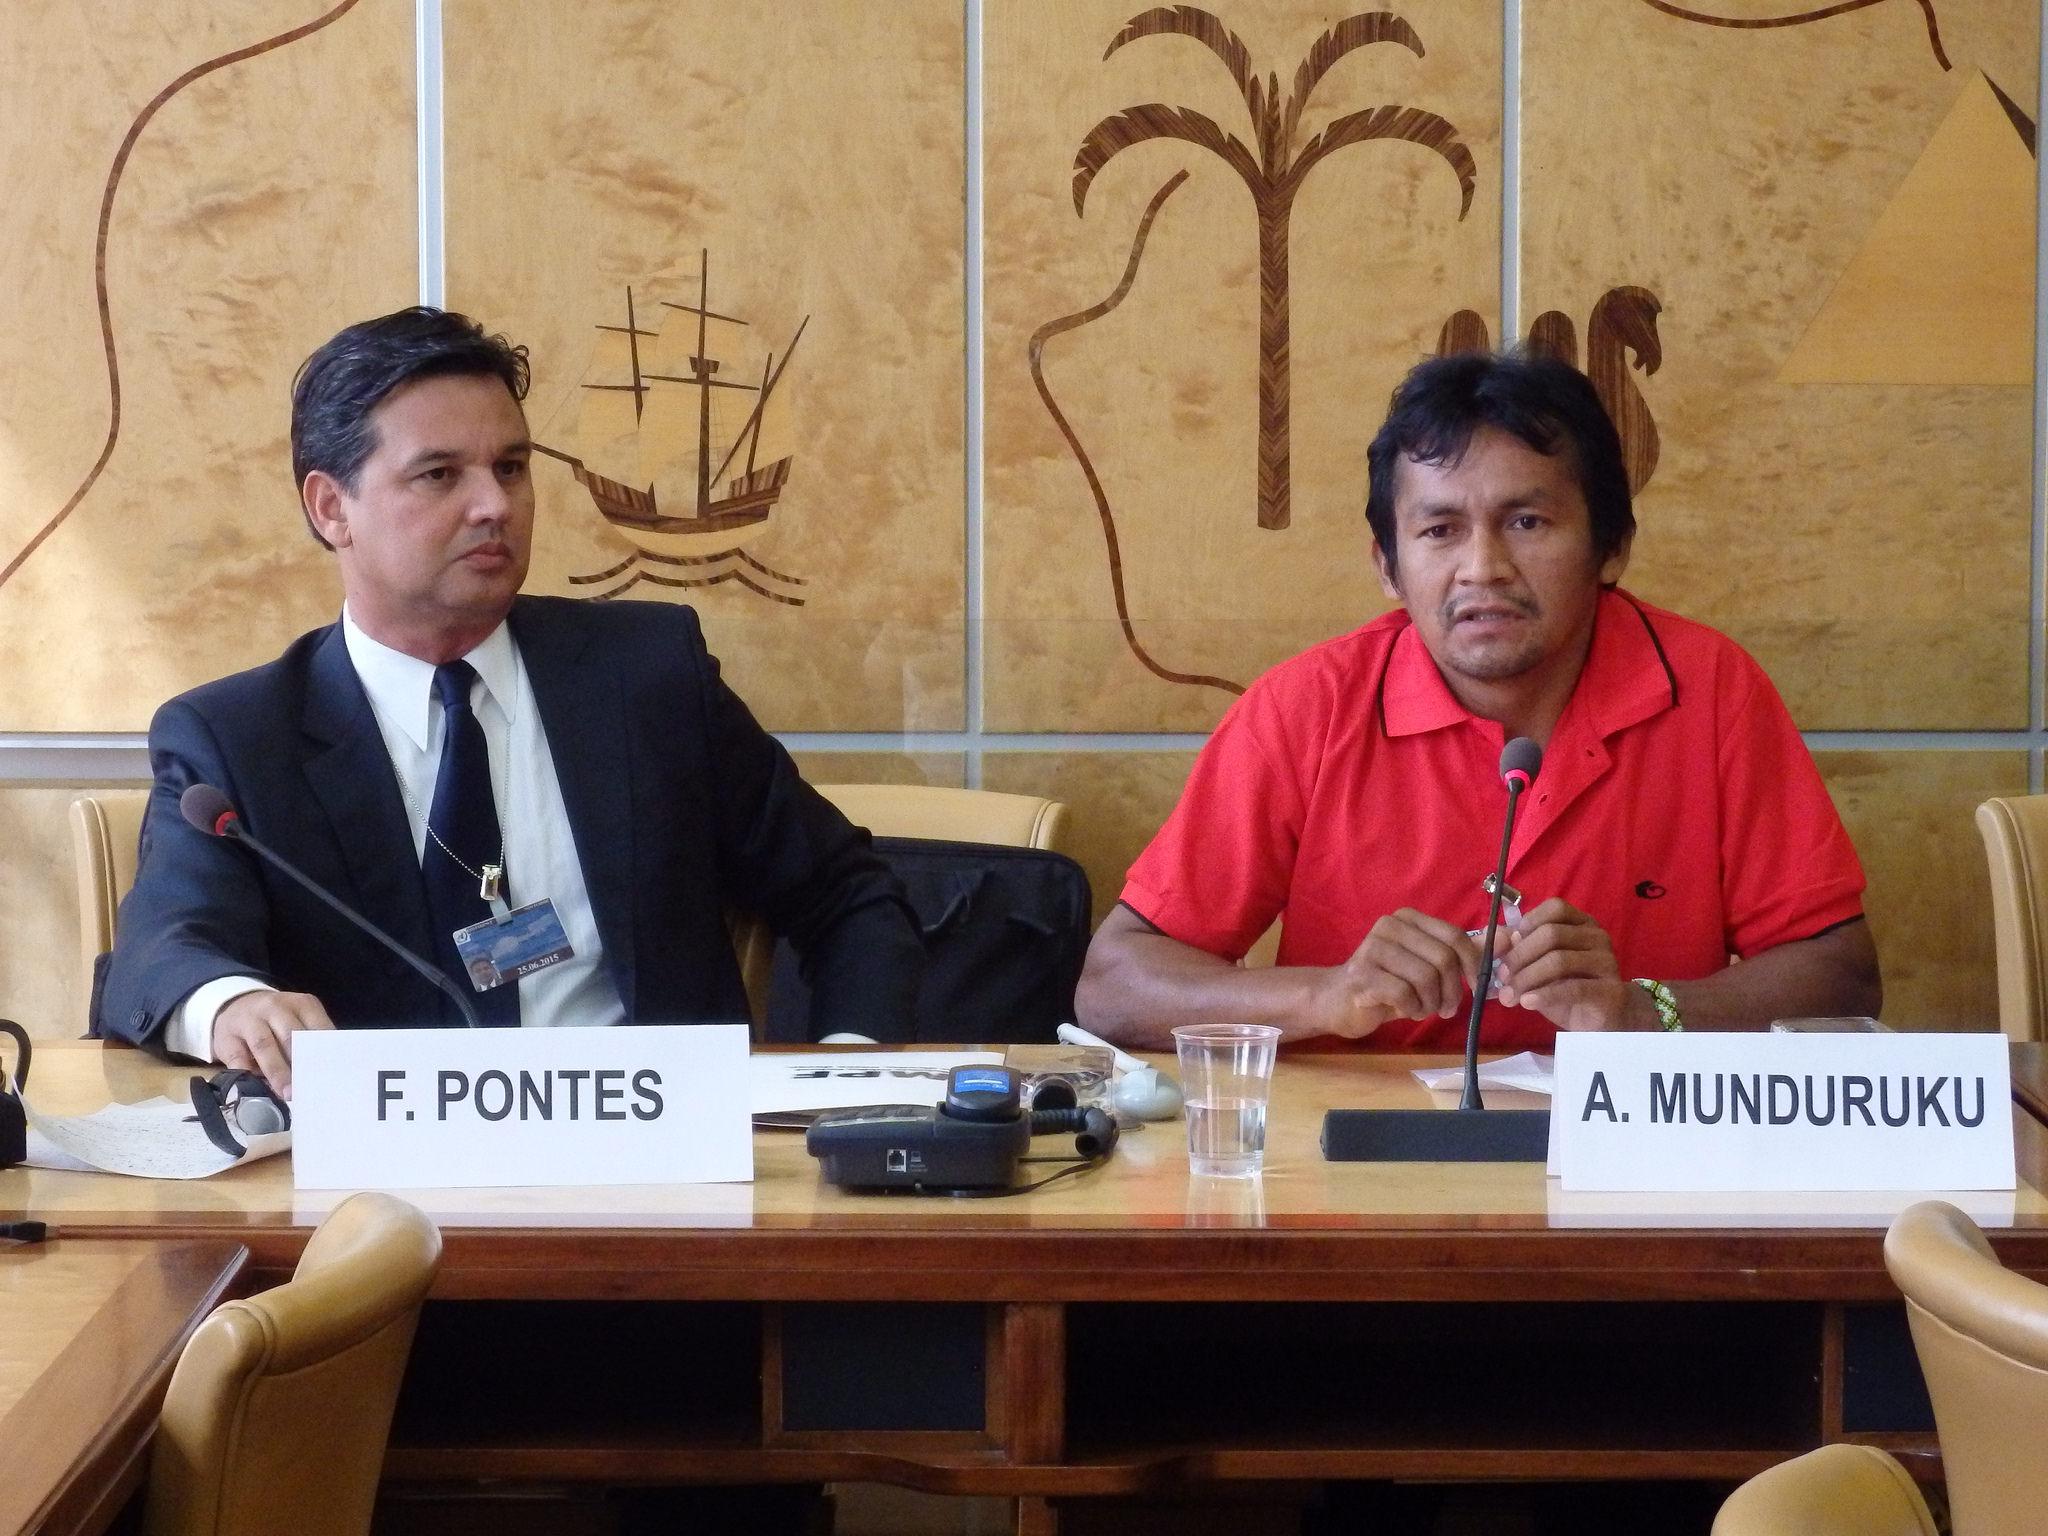 Munduruku-Genf-24.6.15_Amazon-Watch